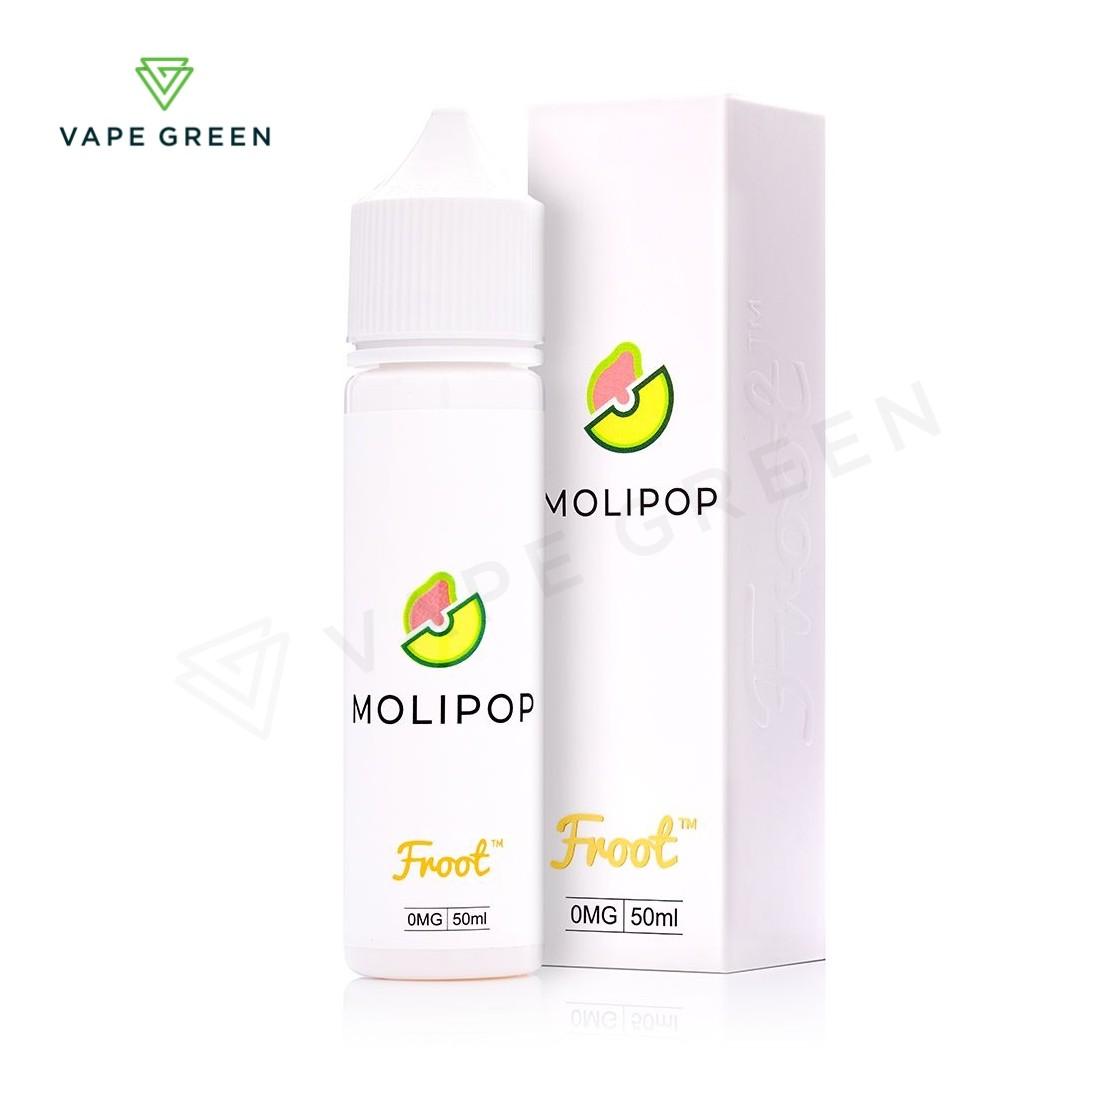 Molipop eLiquid by Froot 50ml